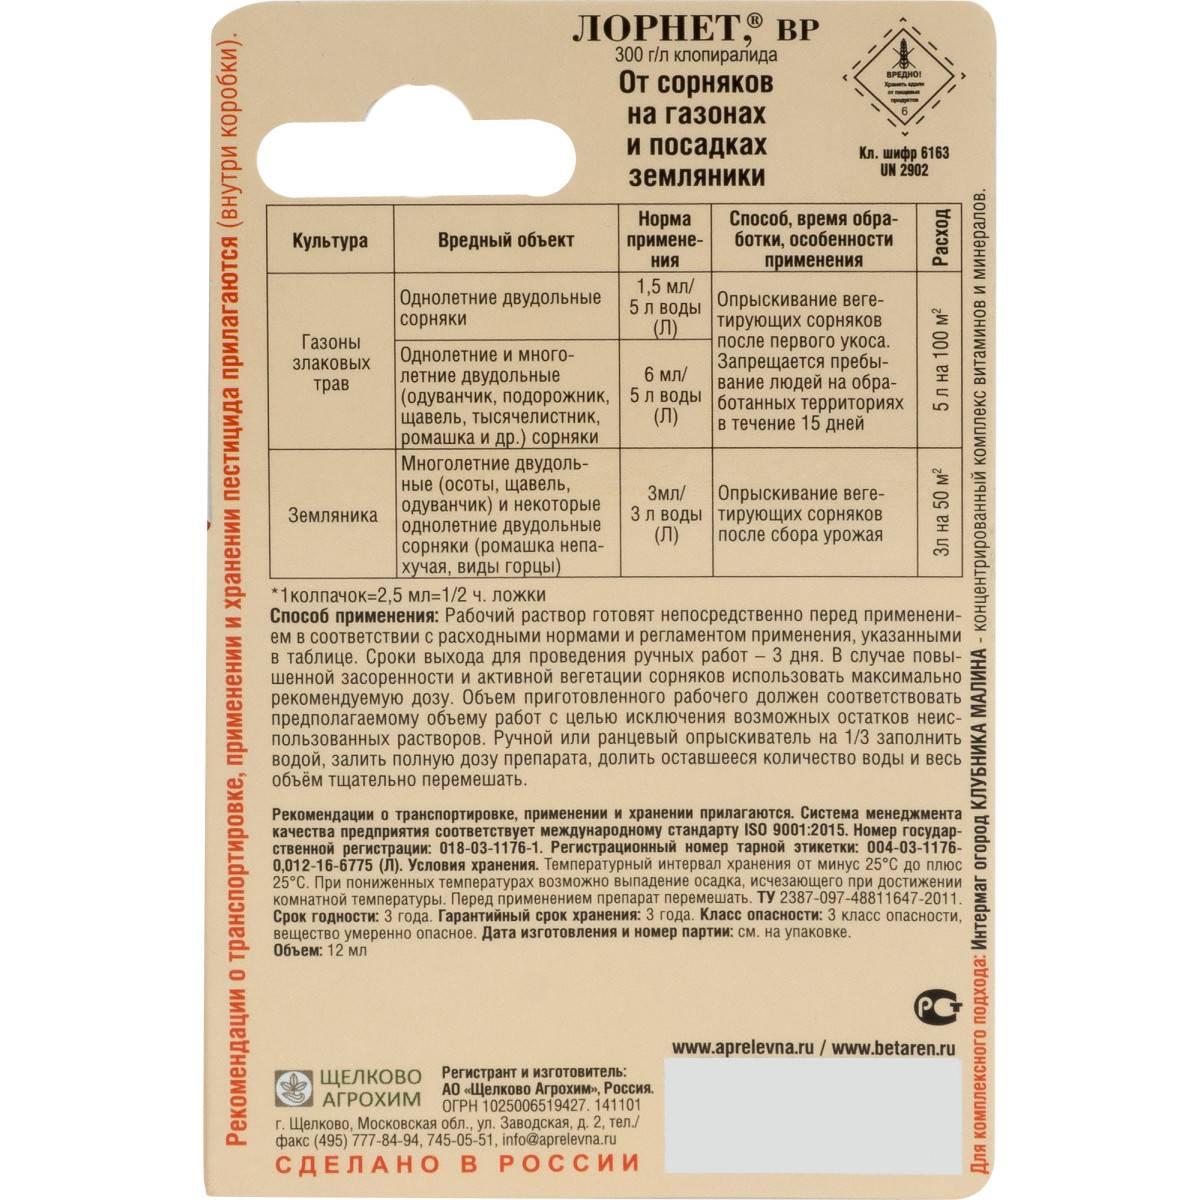 Гербицид «лорнет» — описание, инструкция по применению